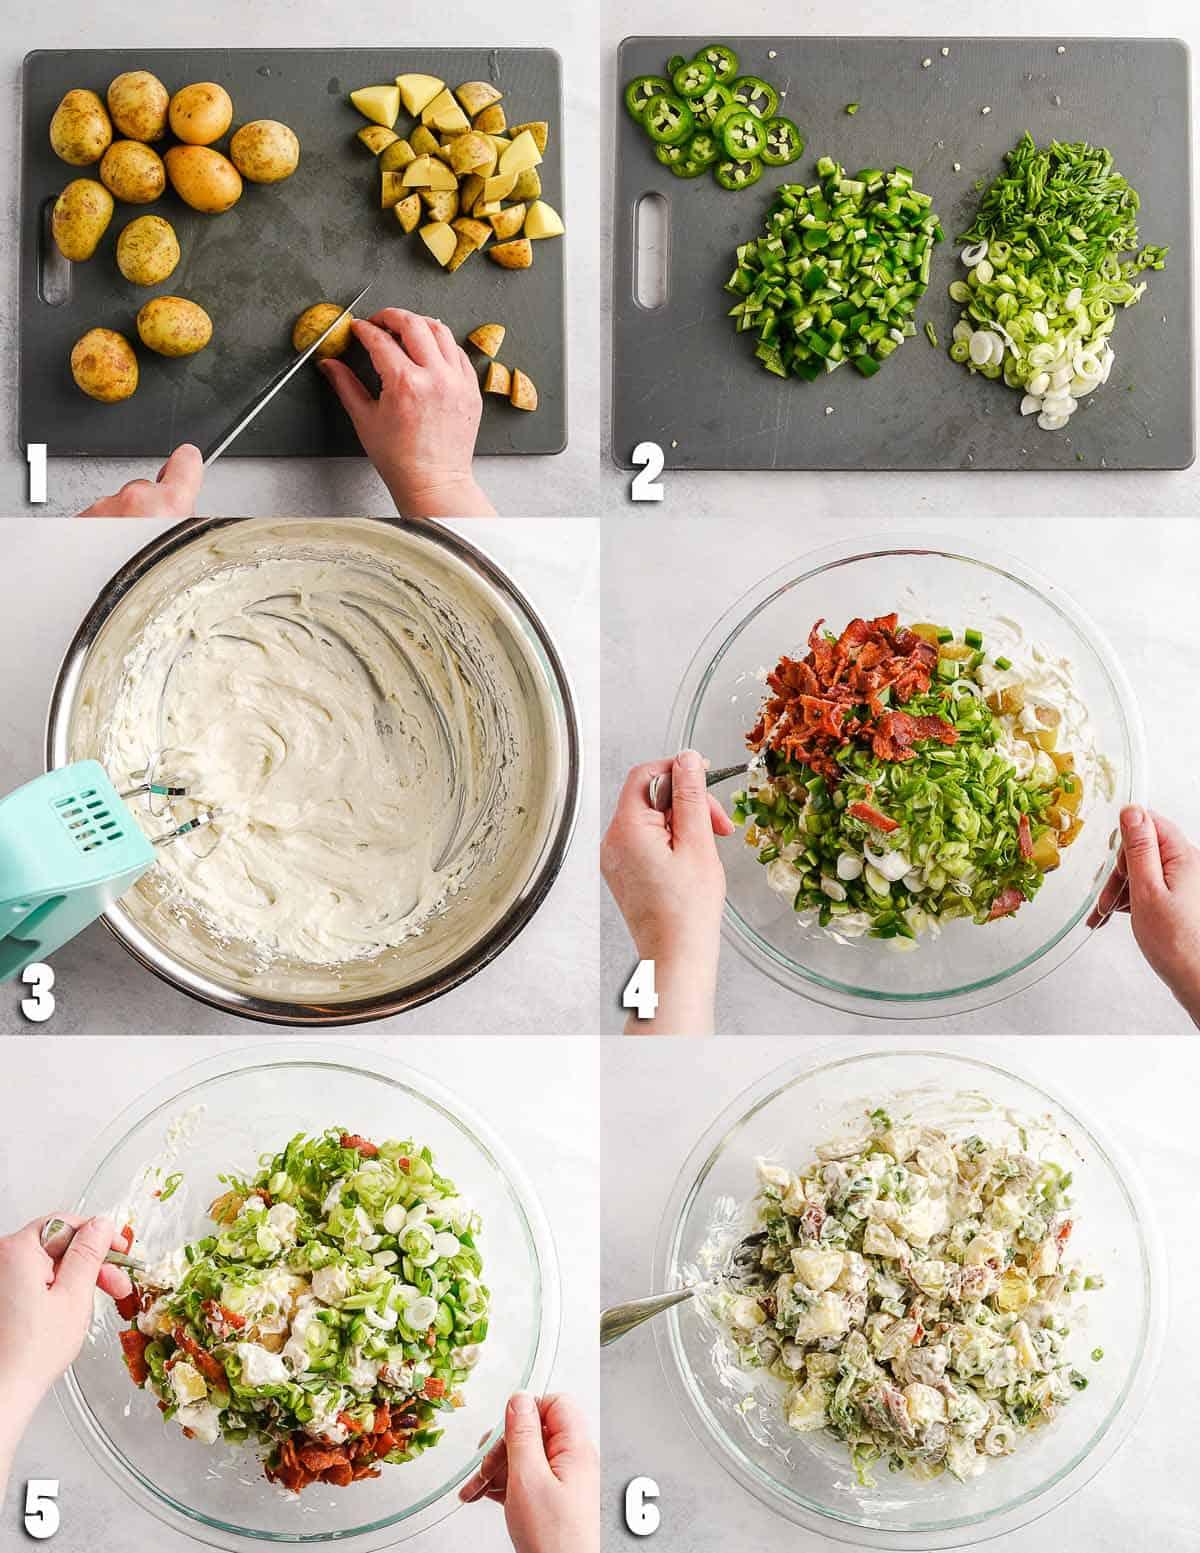 Jalapeno Popper Potato Salad Step by Step Collage